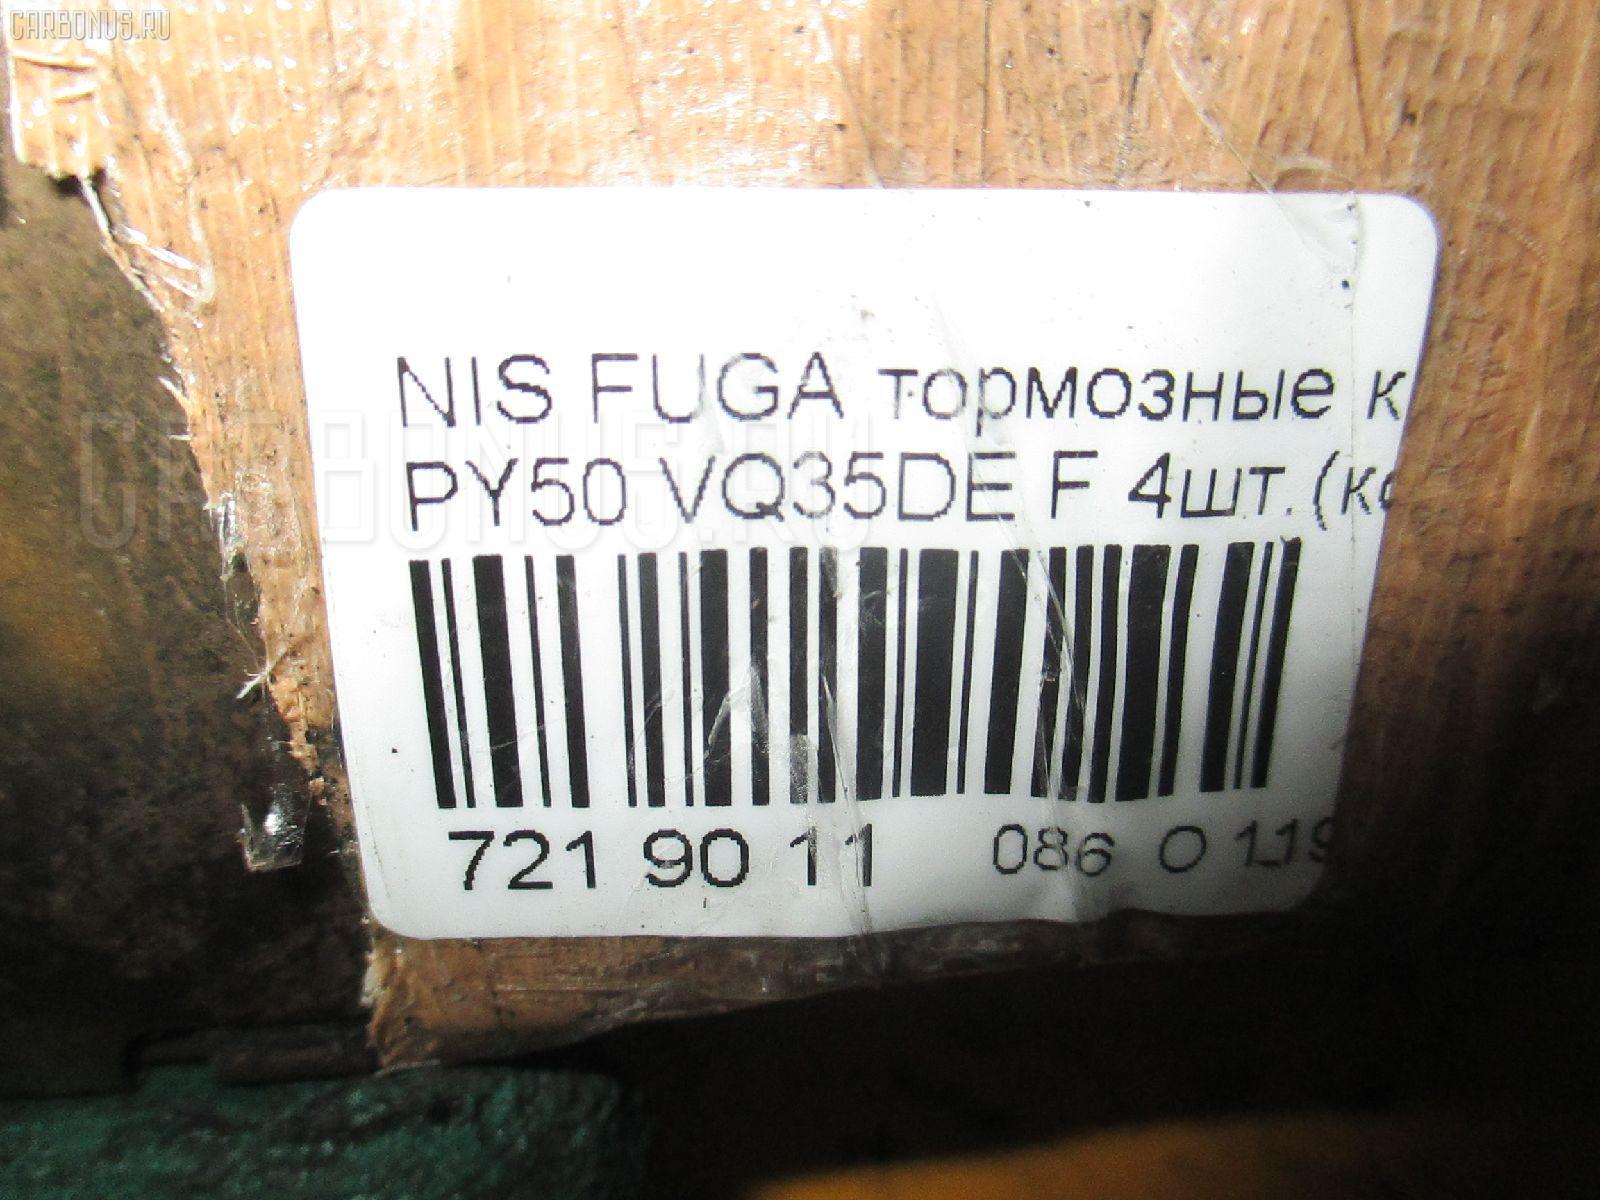 Тормозные колодки NISSAN FUGA PY50 VQ35DE Фото 3